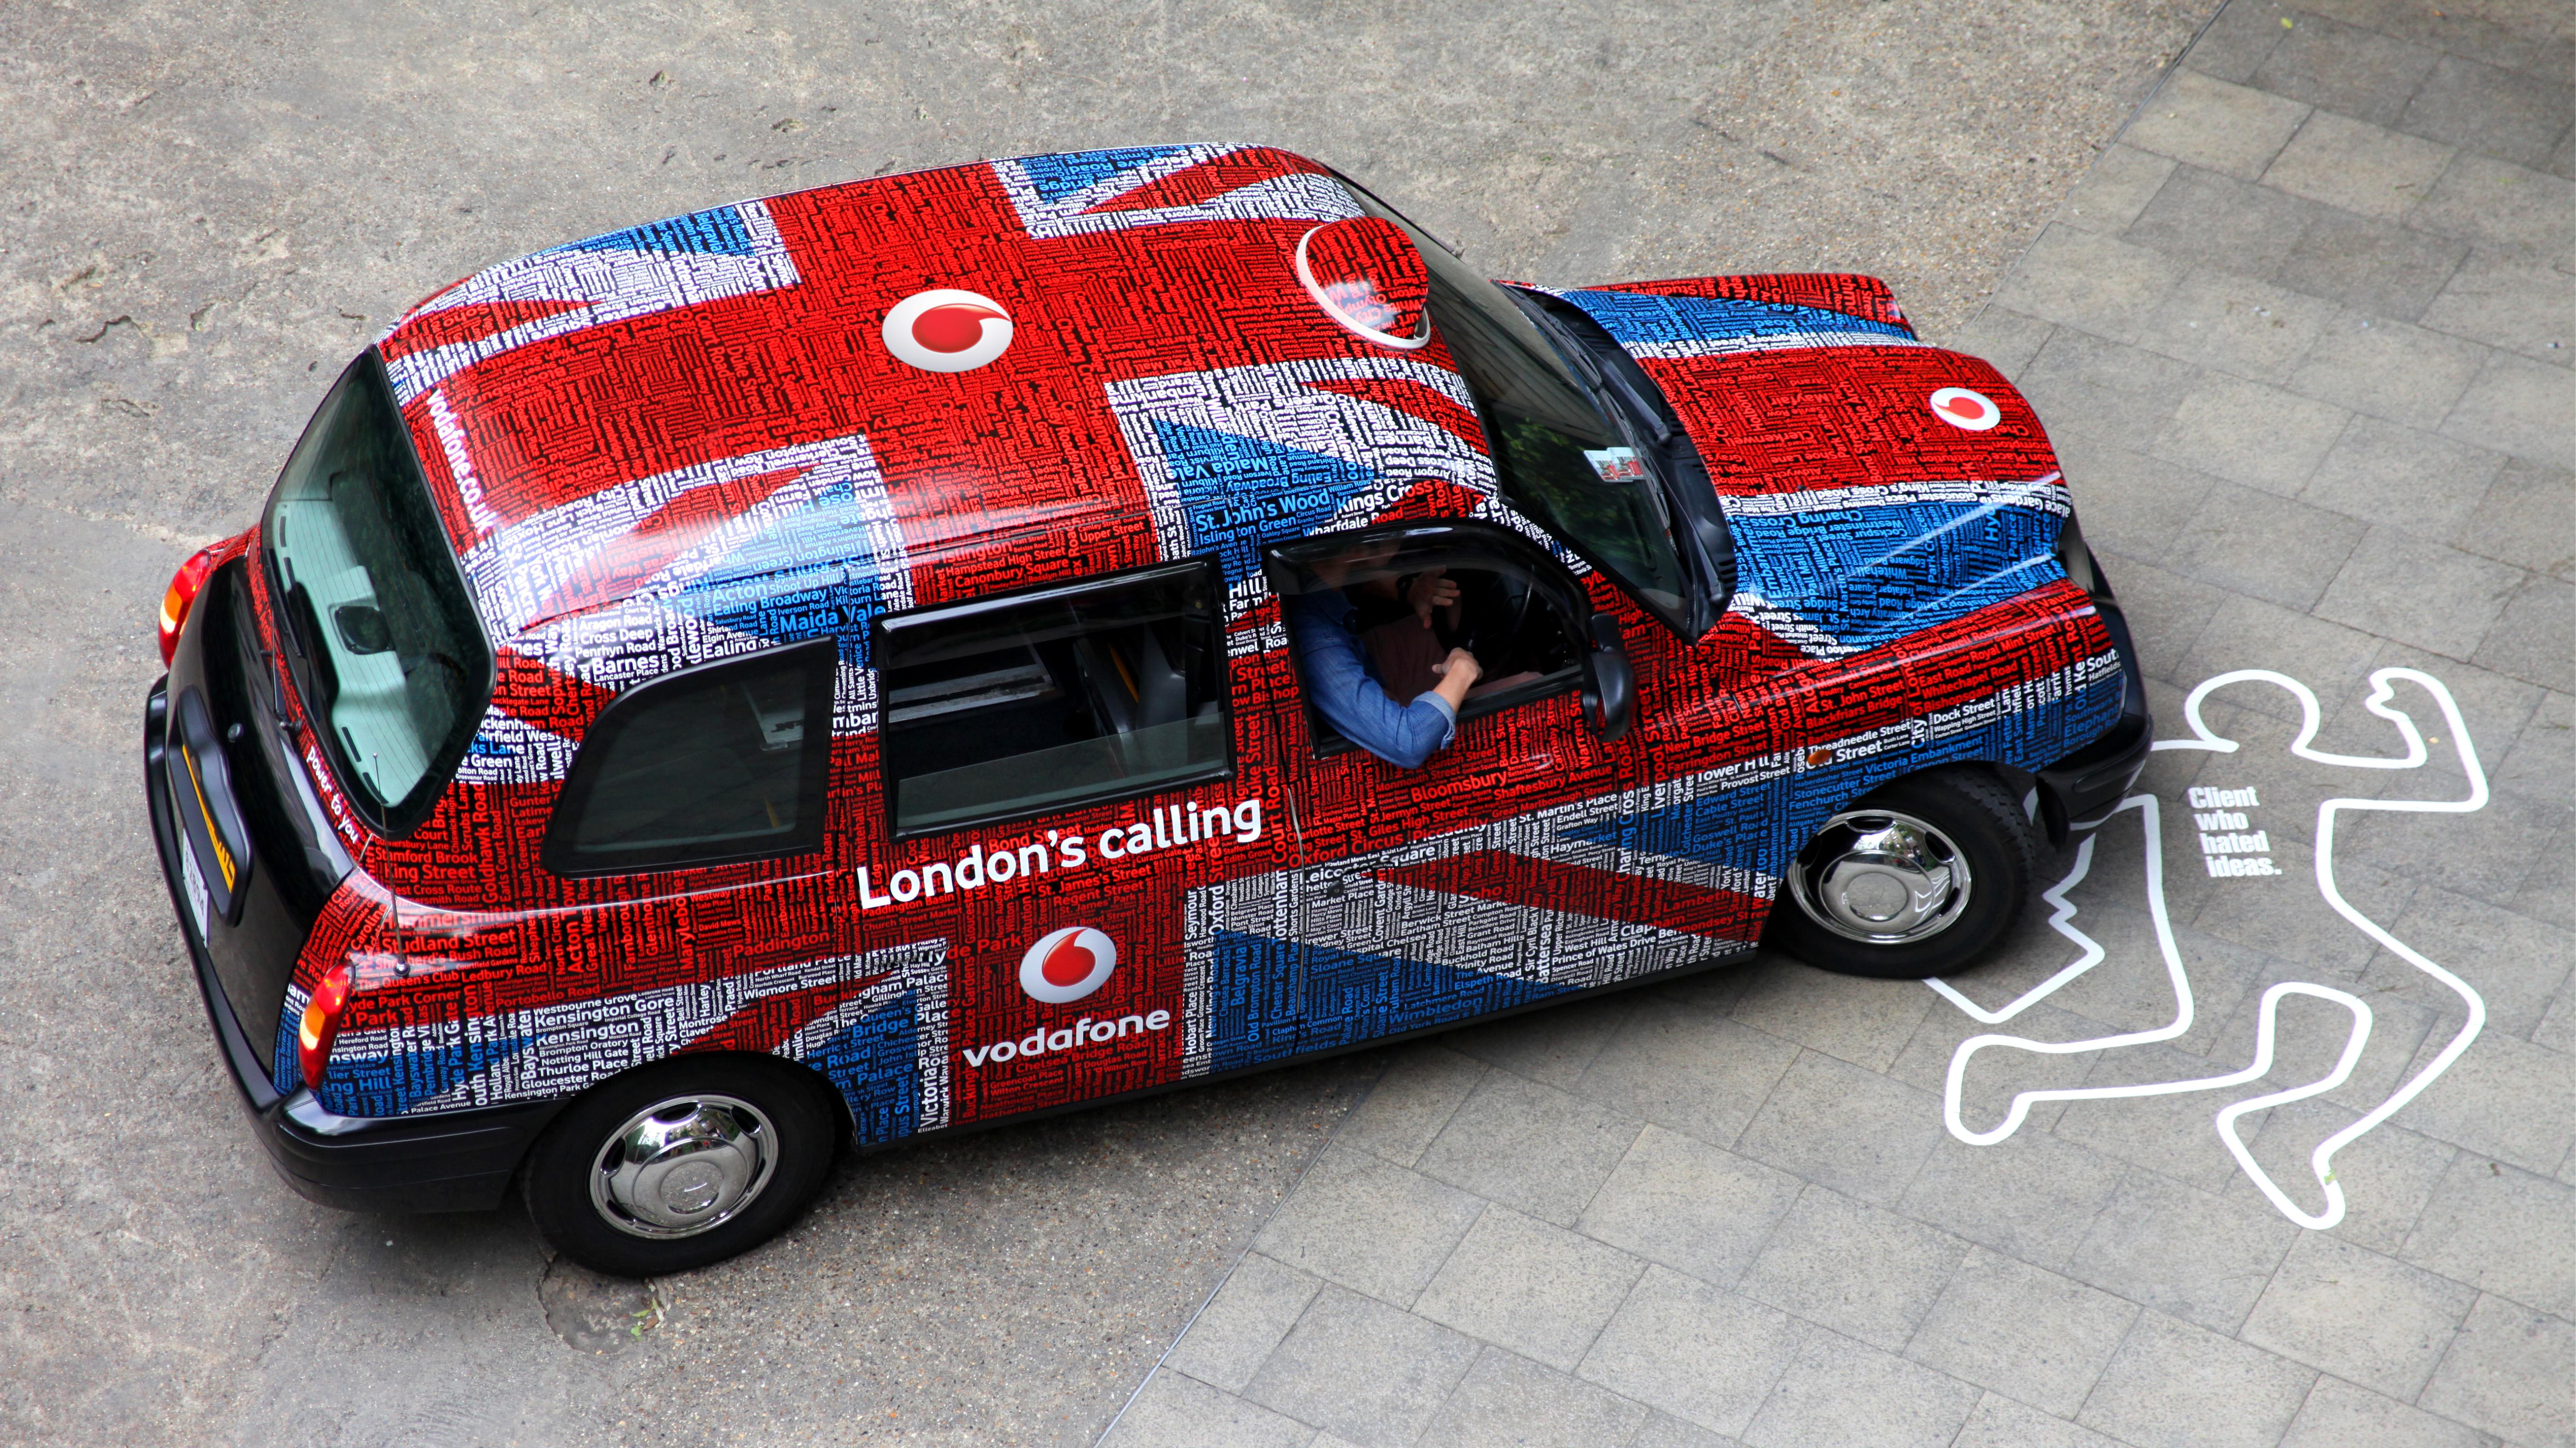 Vodafone Taxi